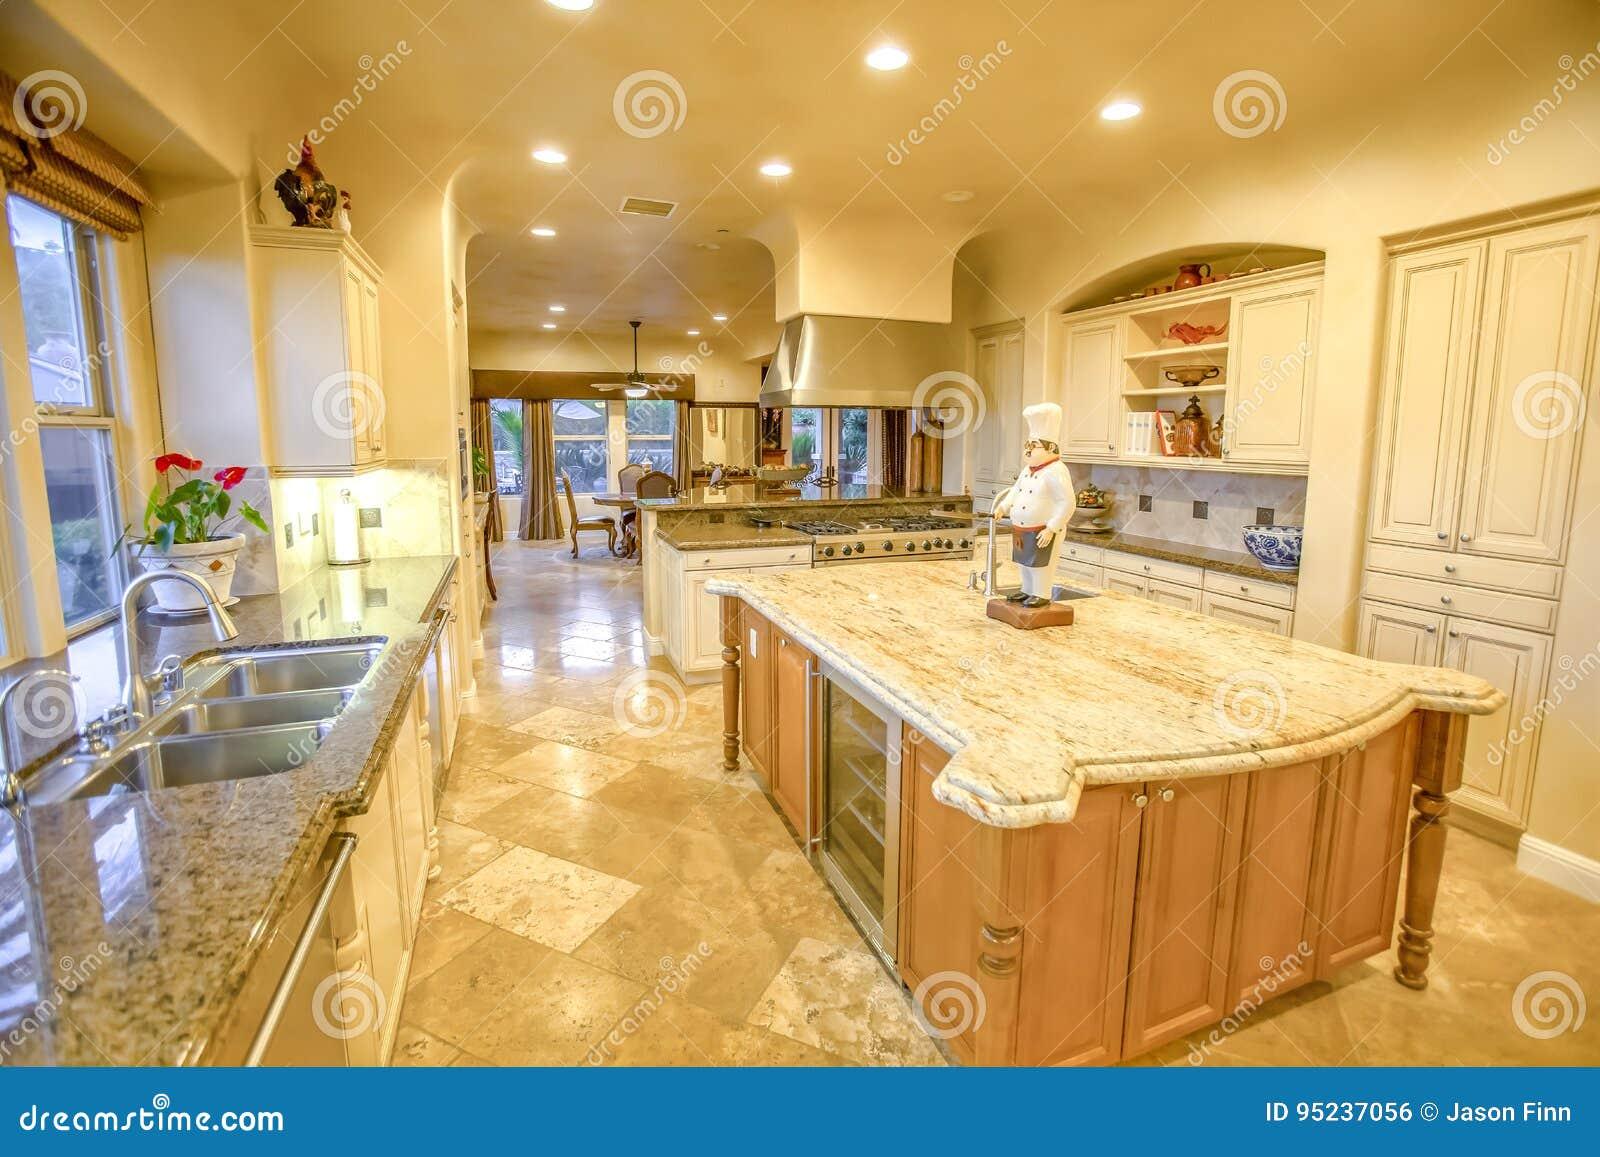 Keuken Grote Open : De grote keuken in modelwoning met groot graniet verzet zich tegen